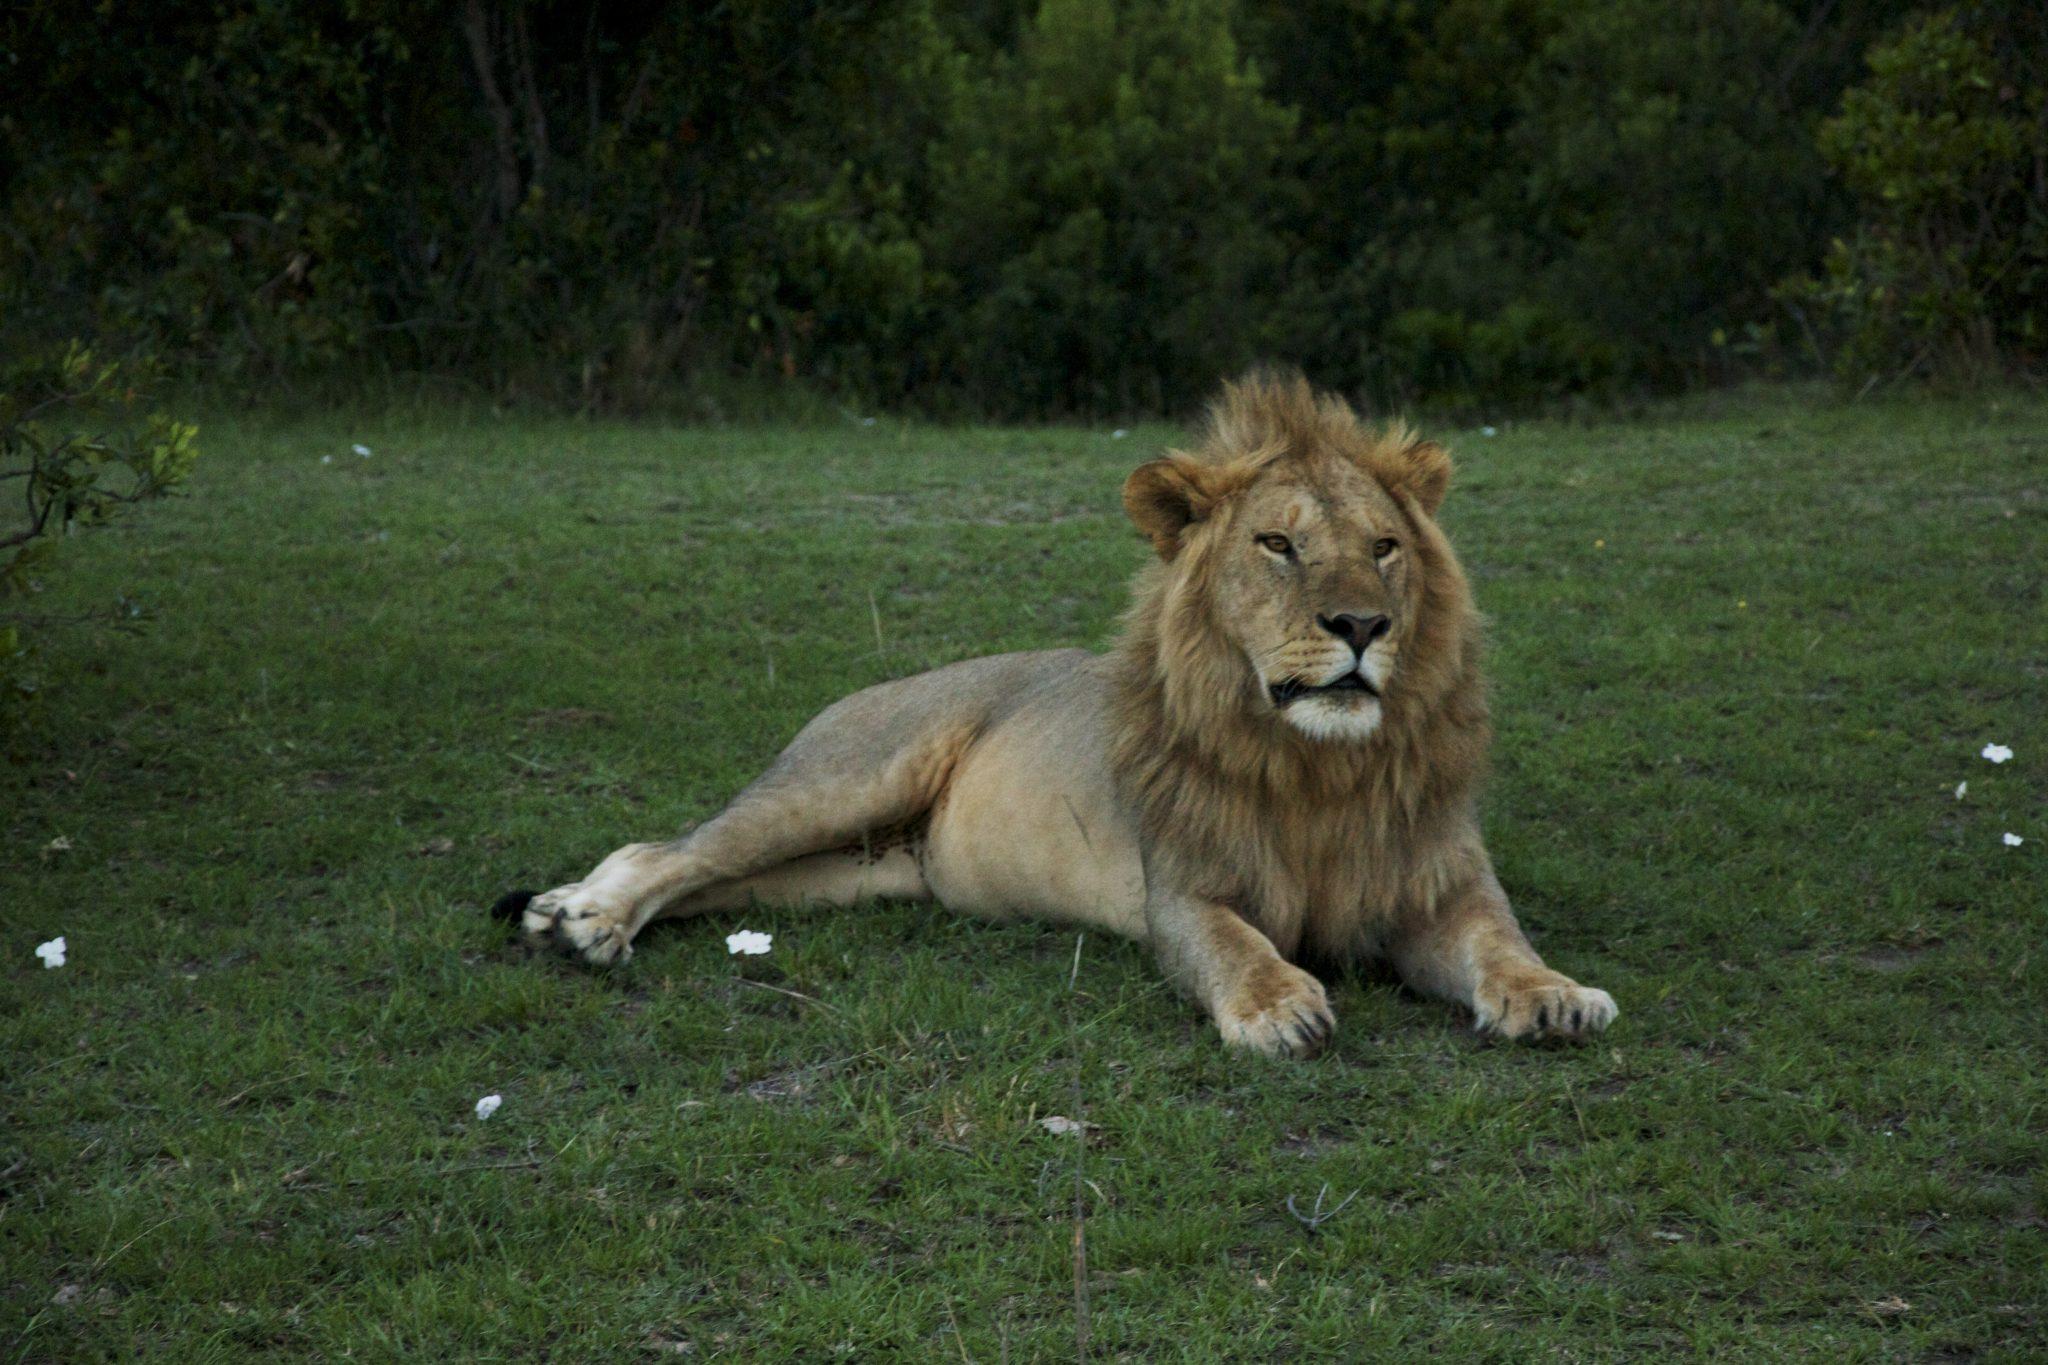 safari keniassa, kenyan safari, maasai mara safari, safari in masai mara, lions safari, cheetah safari, lions kenya